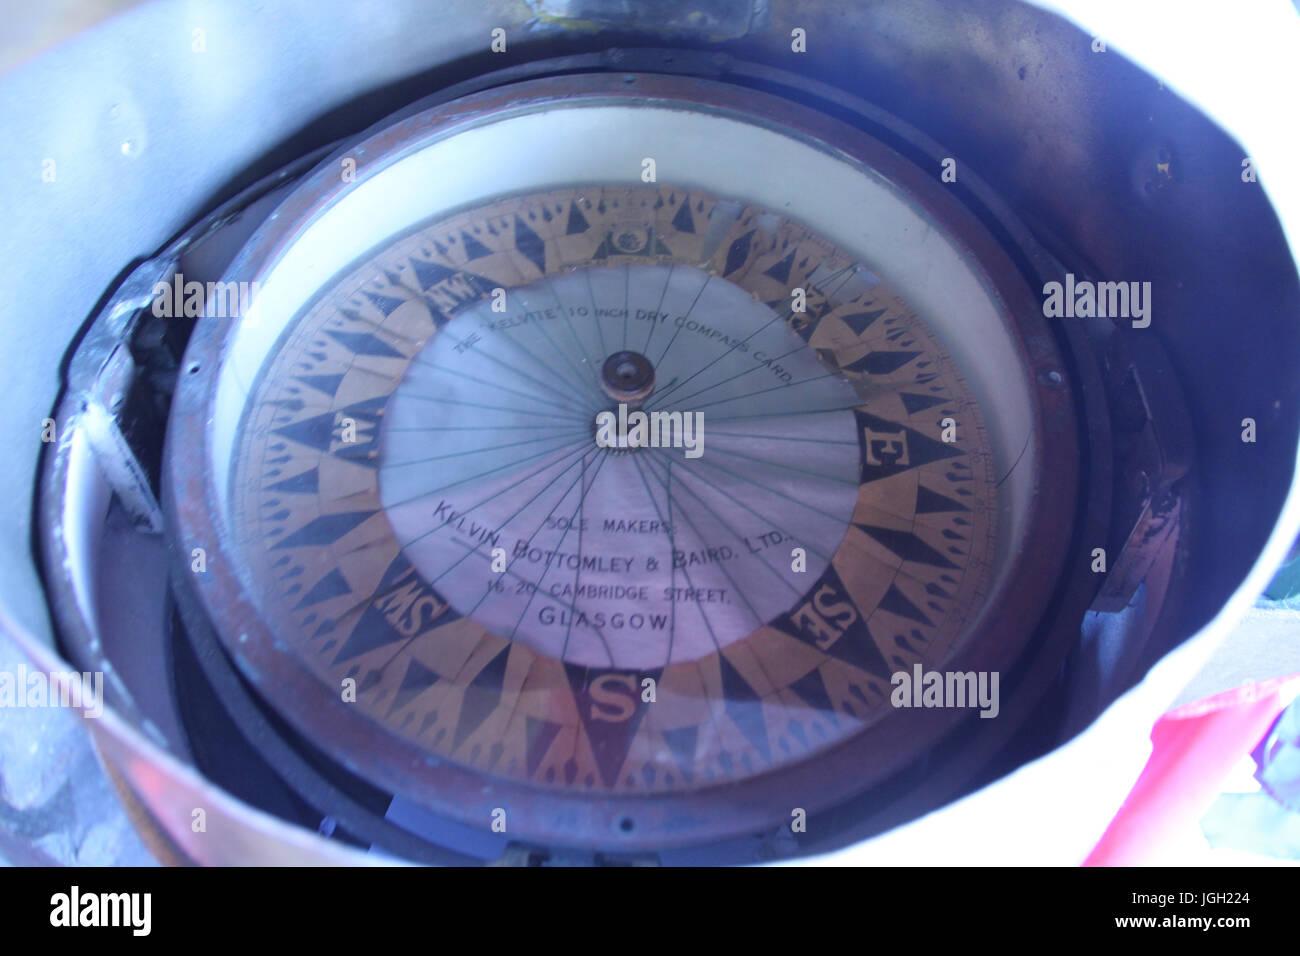 Compass, navigation; 2016, Rio de Janeiro, Brazil. - Stock Image